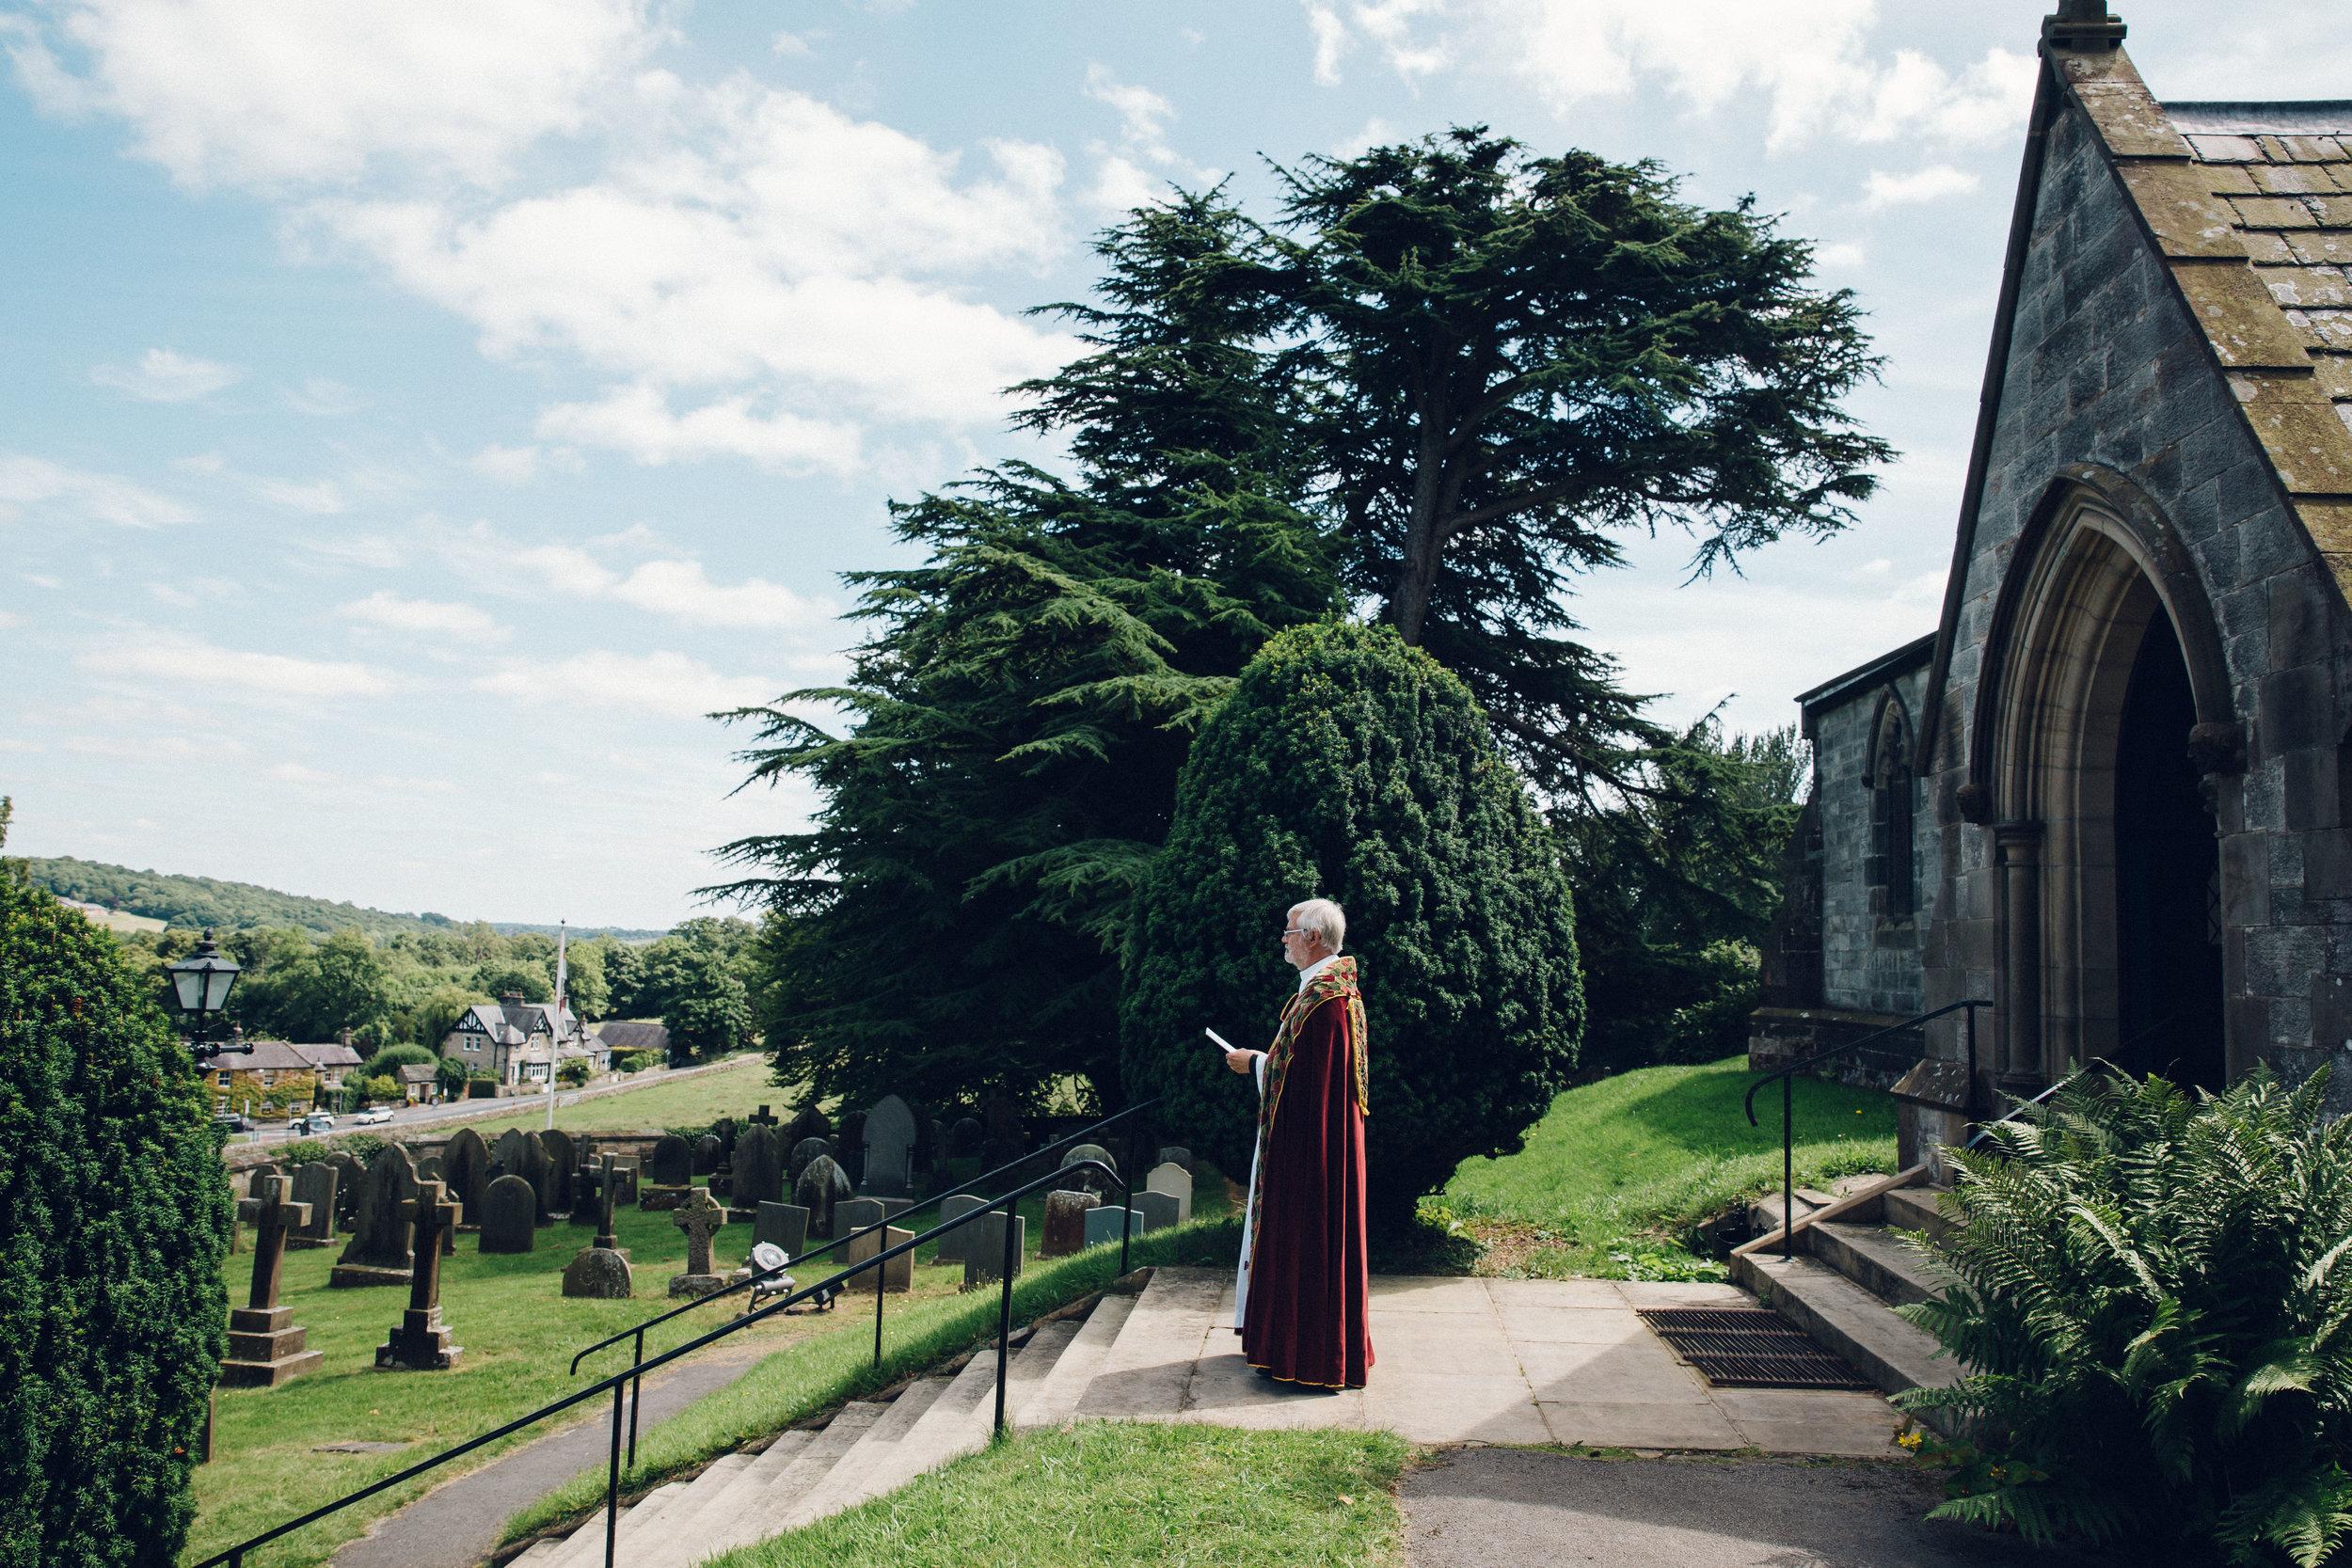 Vicar waiting outside church